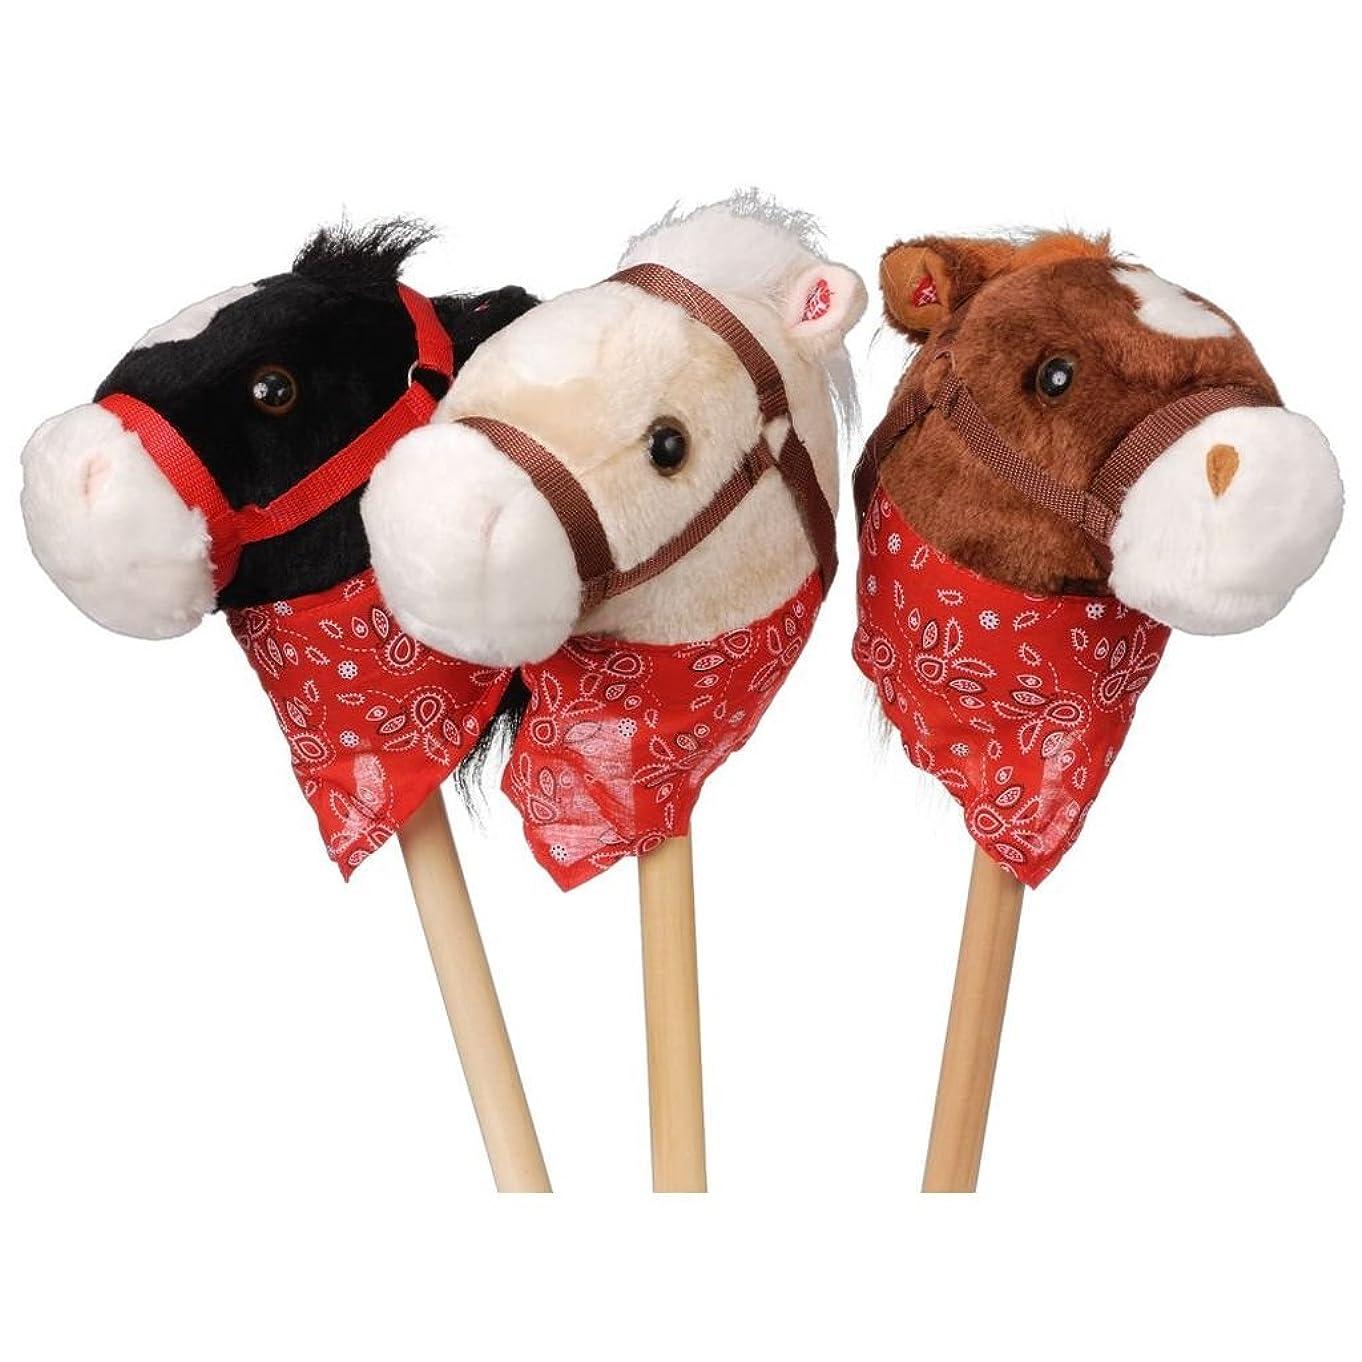 Plush Stick Horse with Bandana